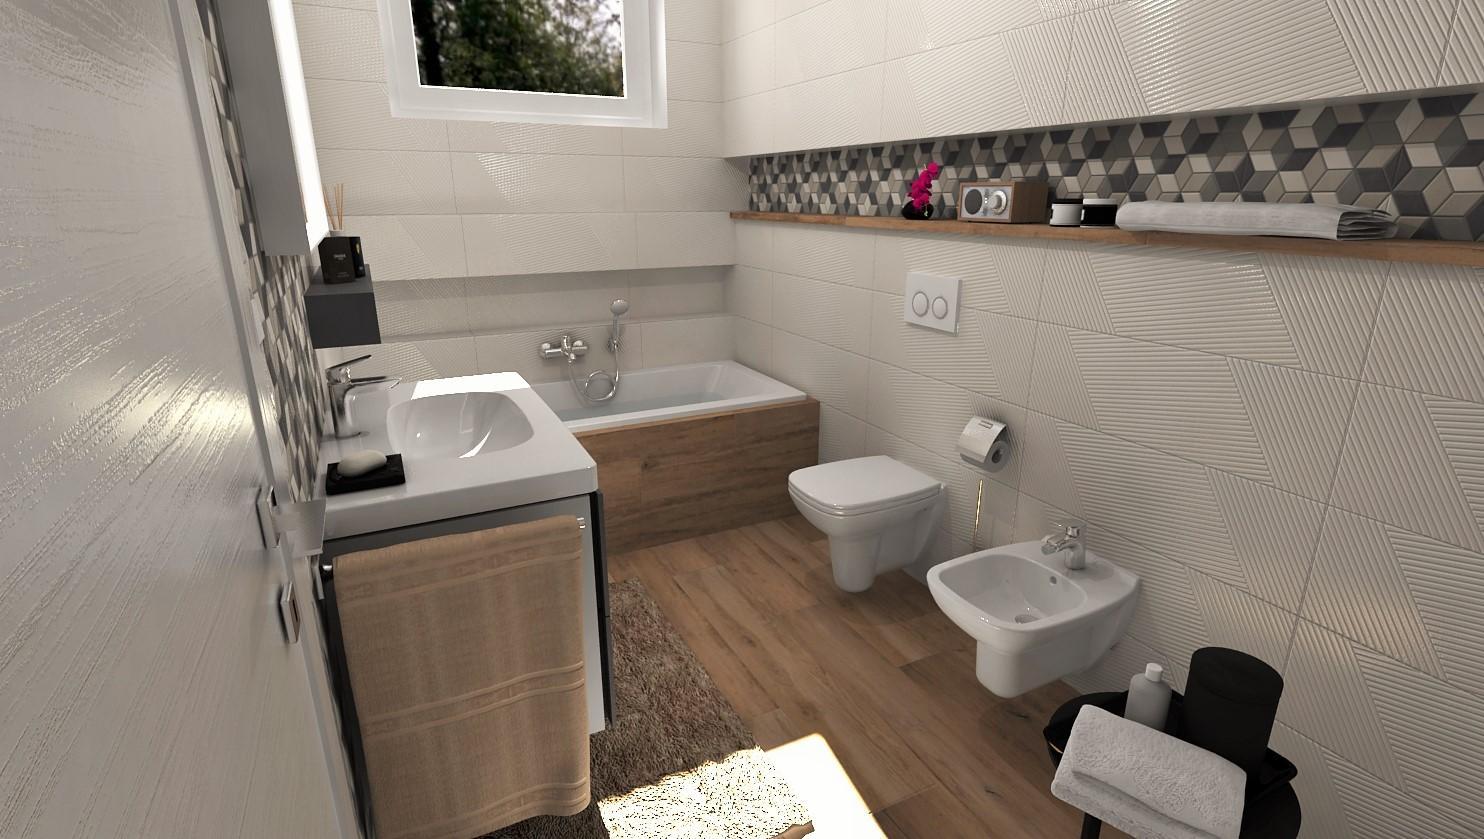 Návrhy a vizualizácie kúpeľní - Obrázok č. 88